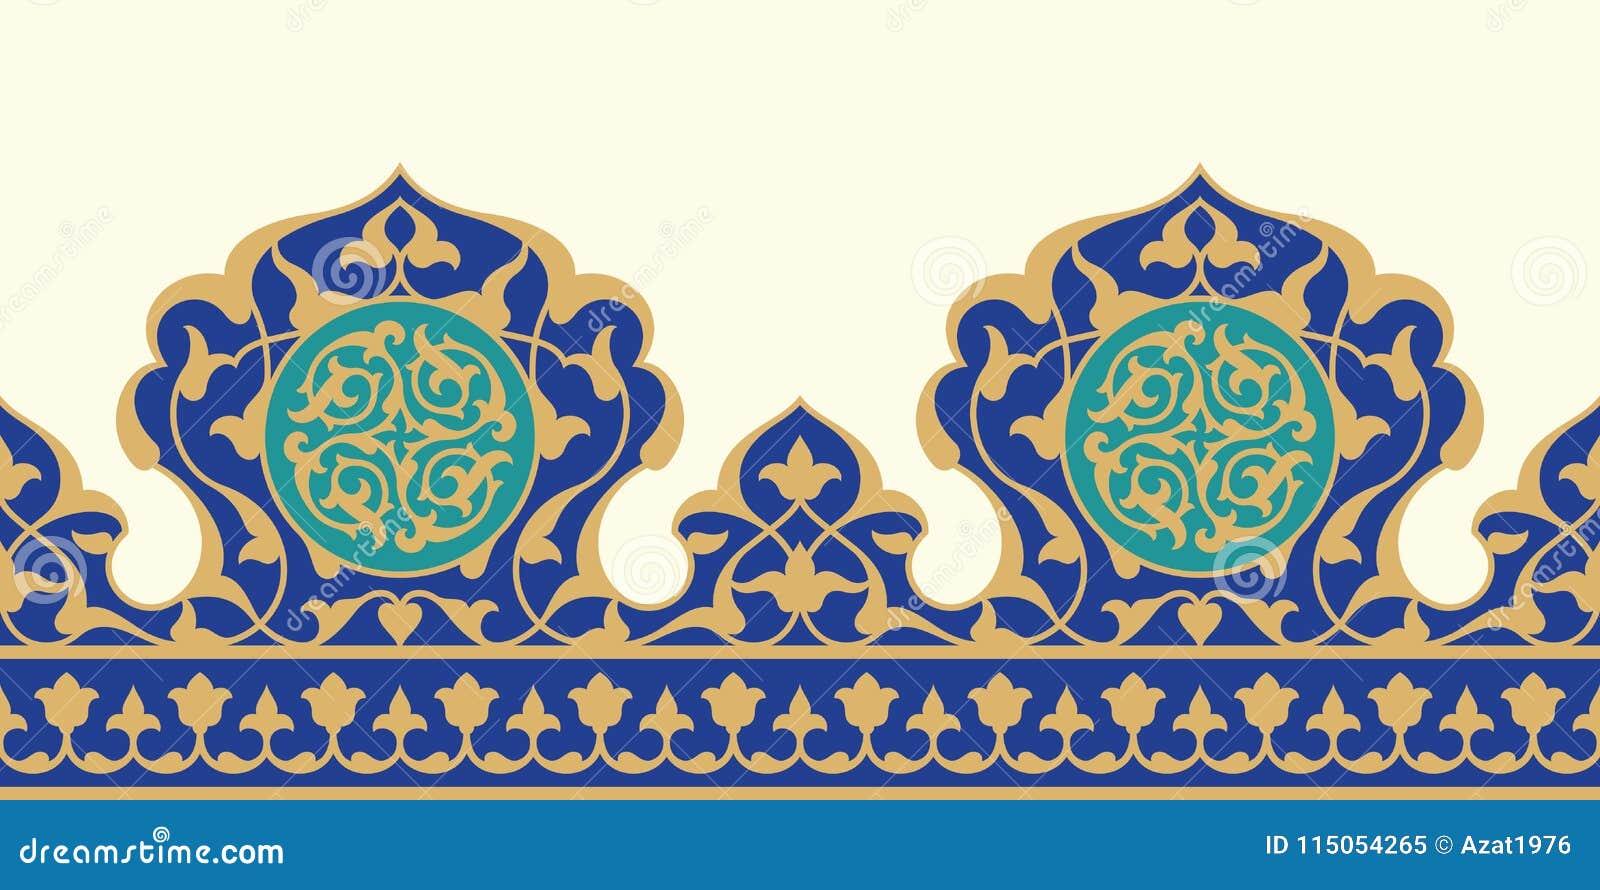 阿拉伯花卉无缝的边界 传统伊斯兰教的设计